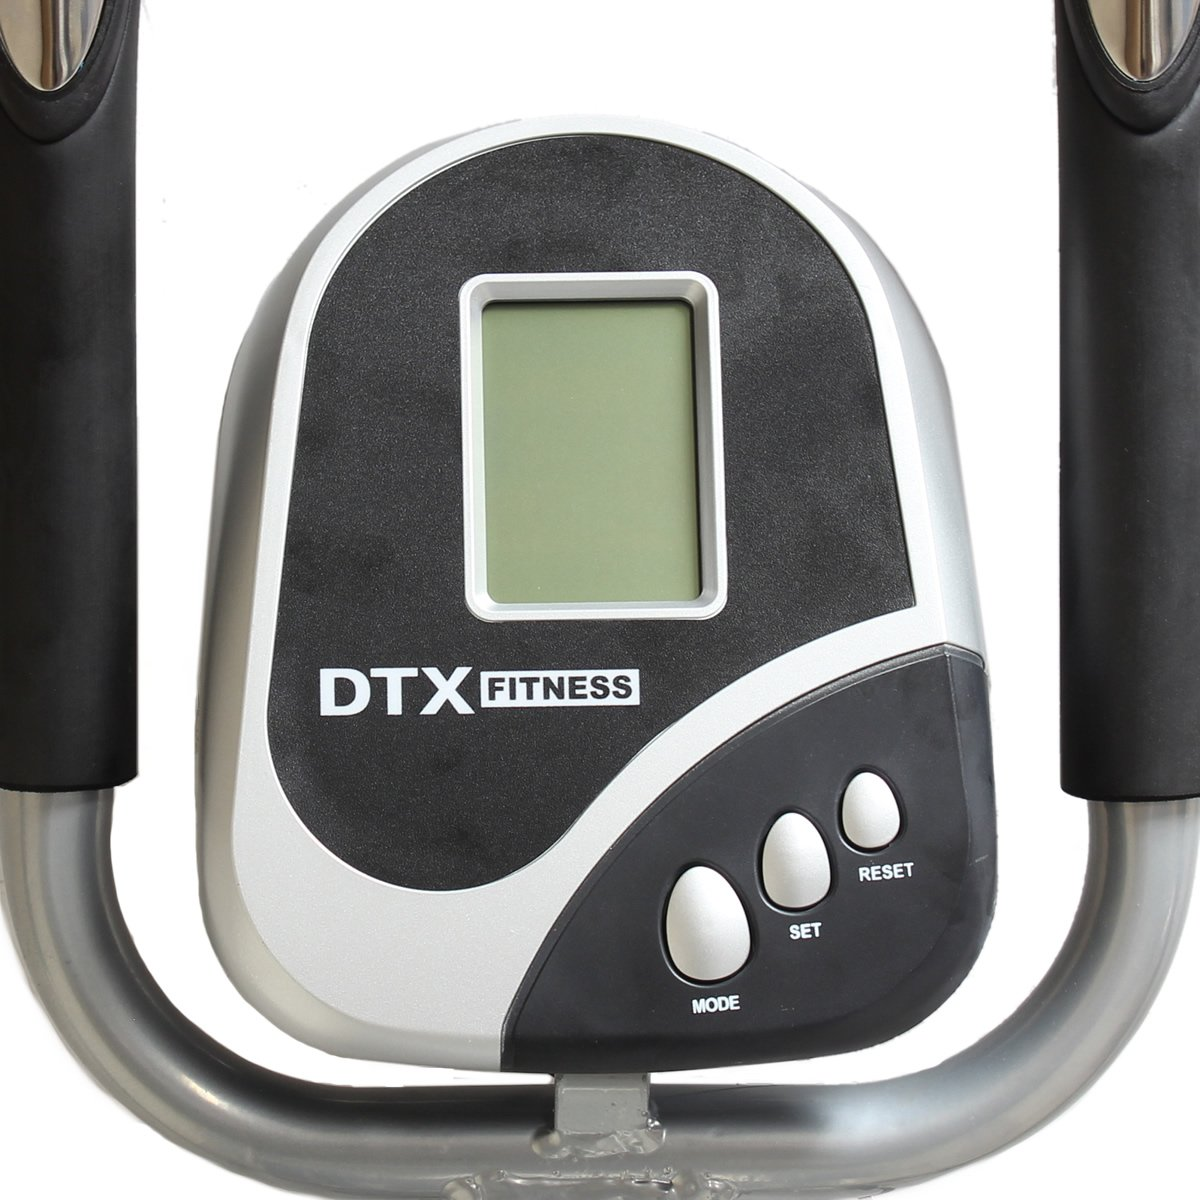 DTX Fitness 2-en-1 elíptica y bicicleta estática con sensores de pulso: Amazon.es: Deportes y aire libre